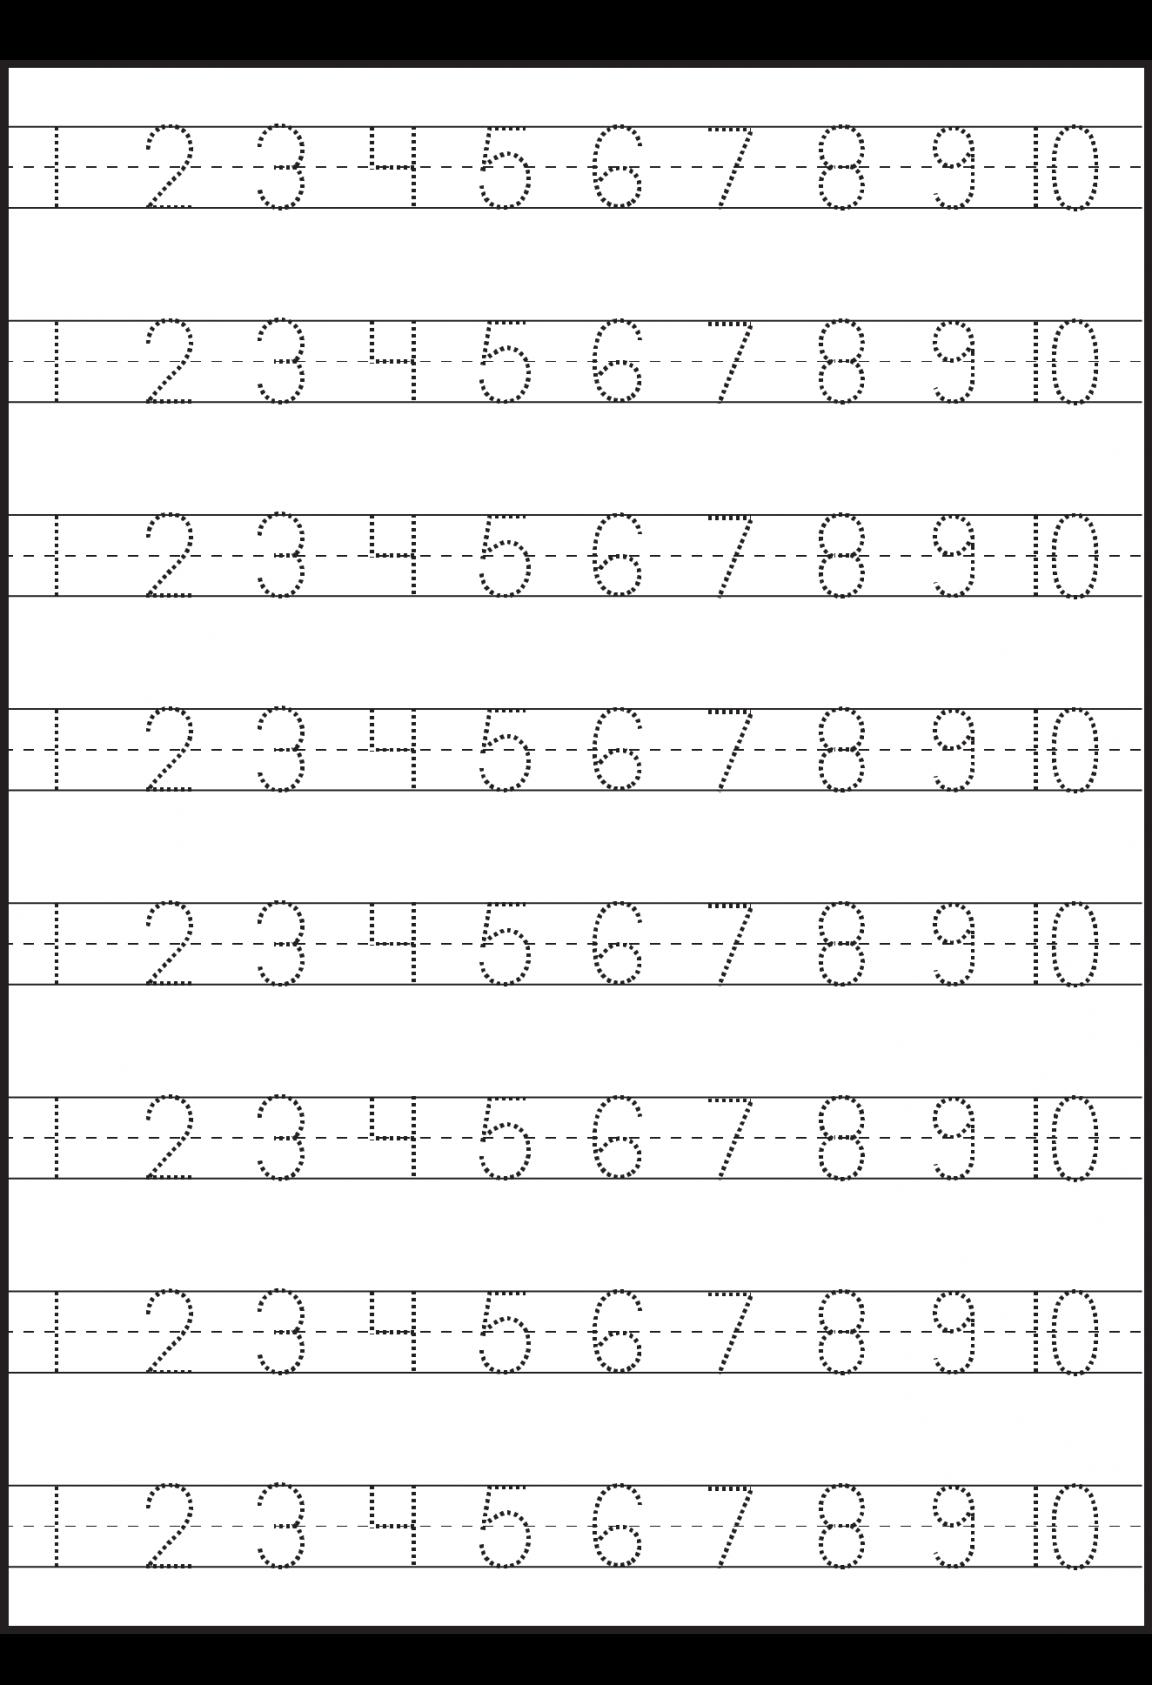 Worksheet Preschool Numbers